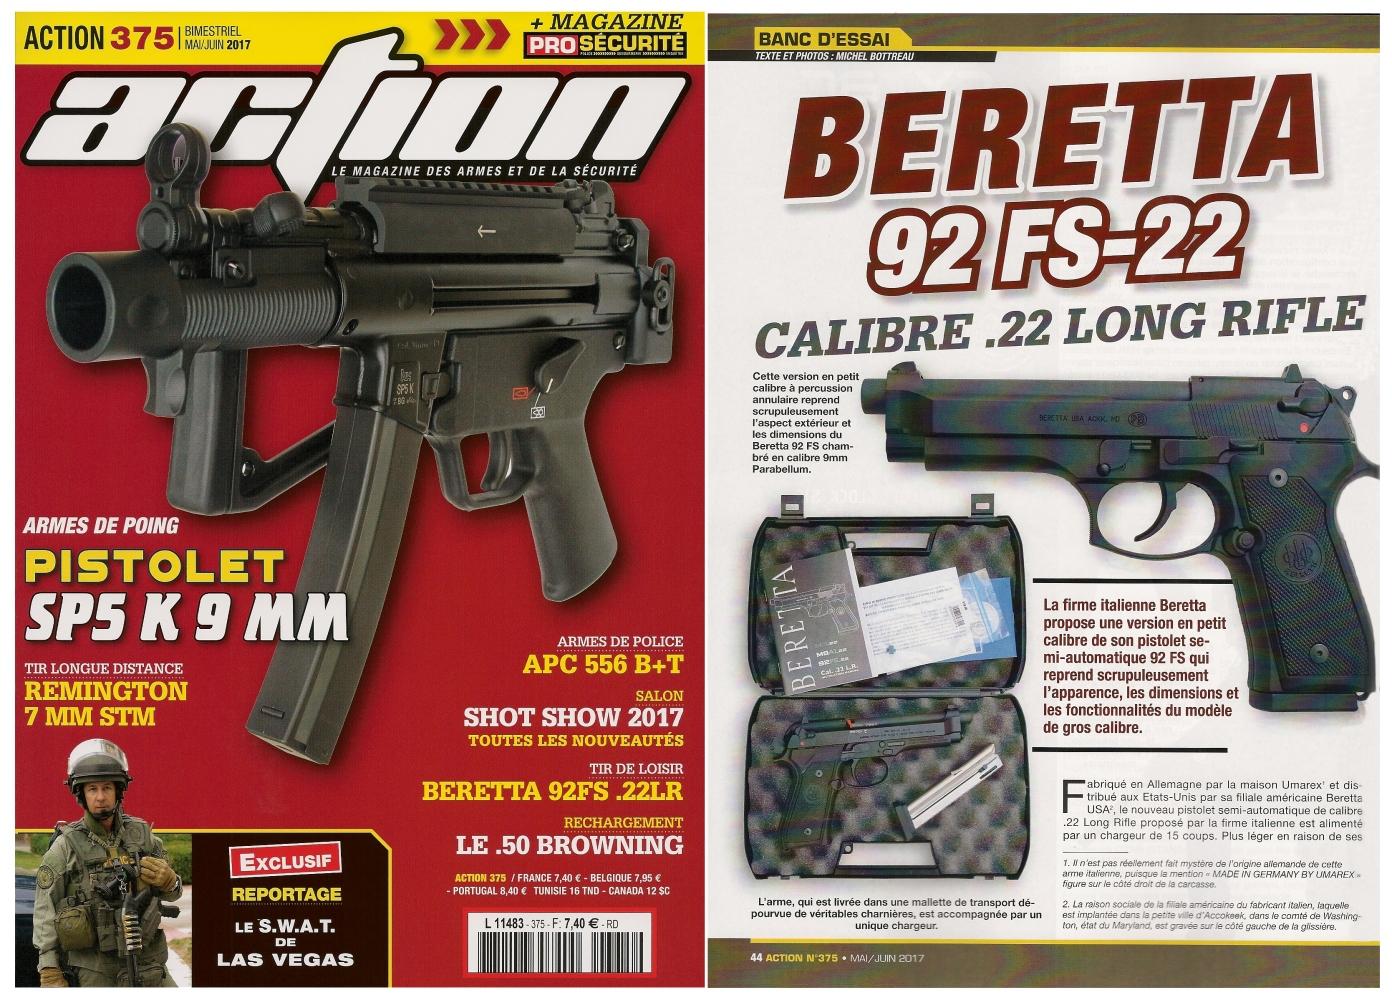 Le banc d'essai du pistolet Beretta 92 FS-22 a été publié sur 6 pages dans le magazine Action n°375 (mai/juin 2017).